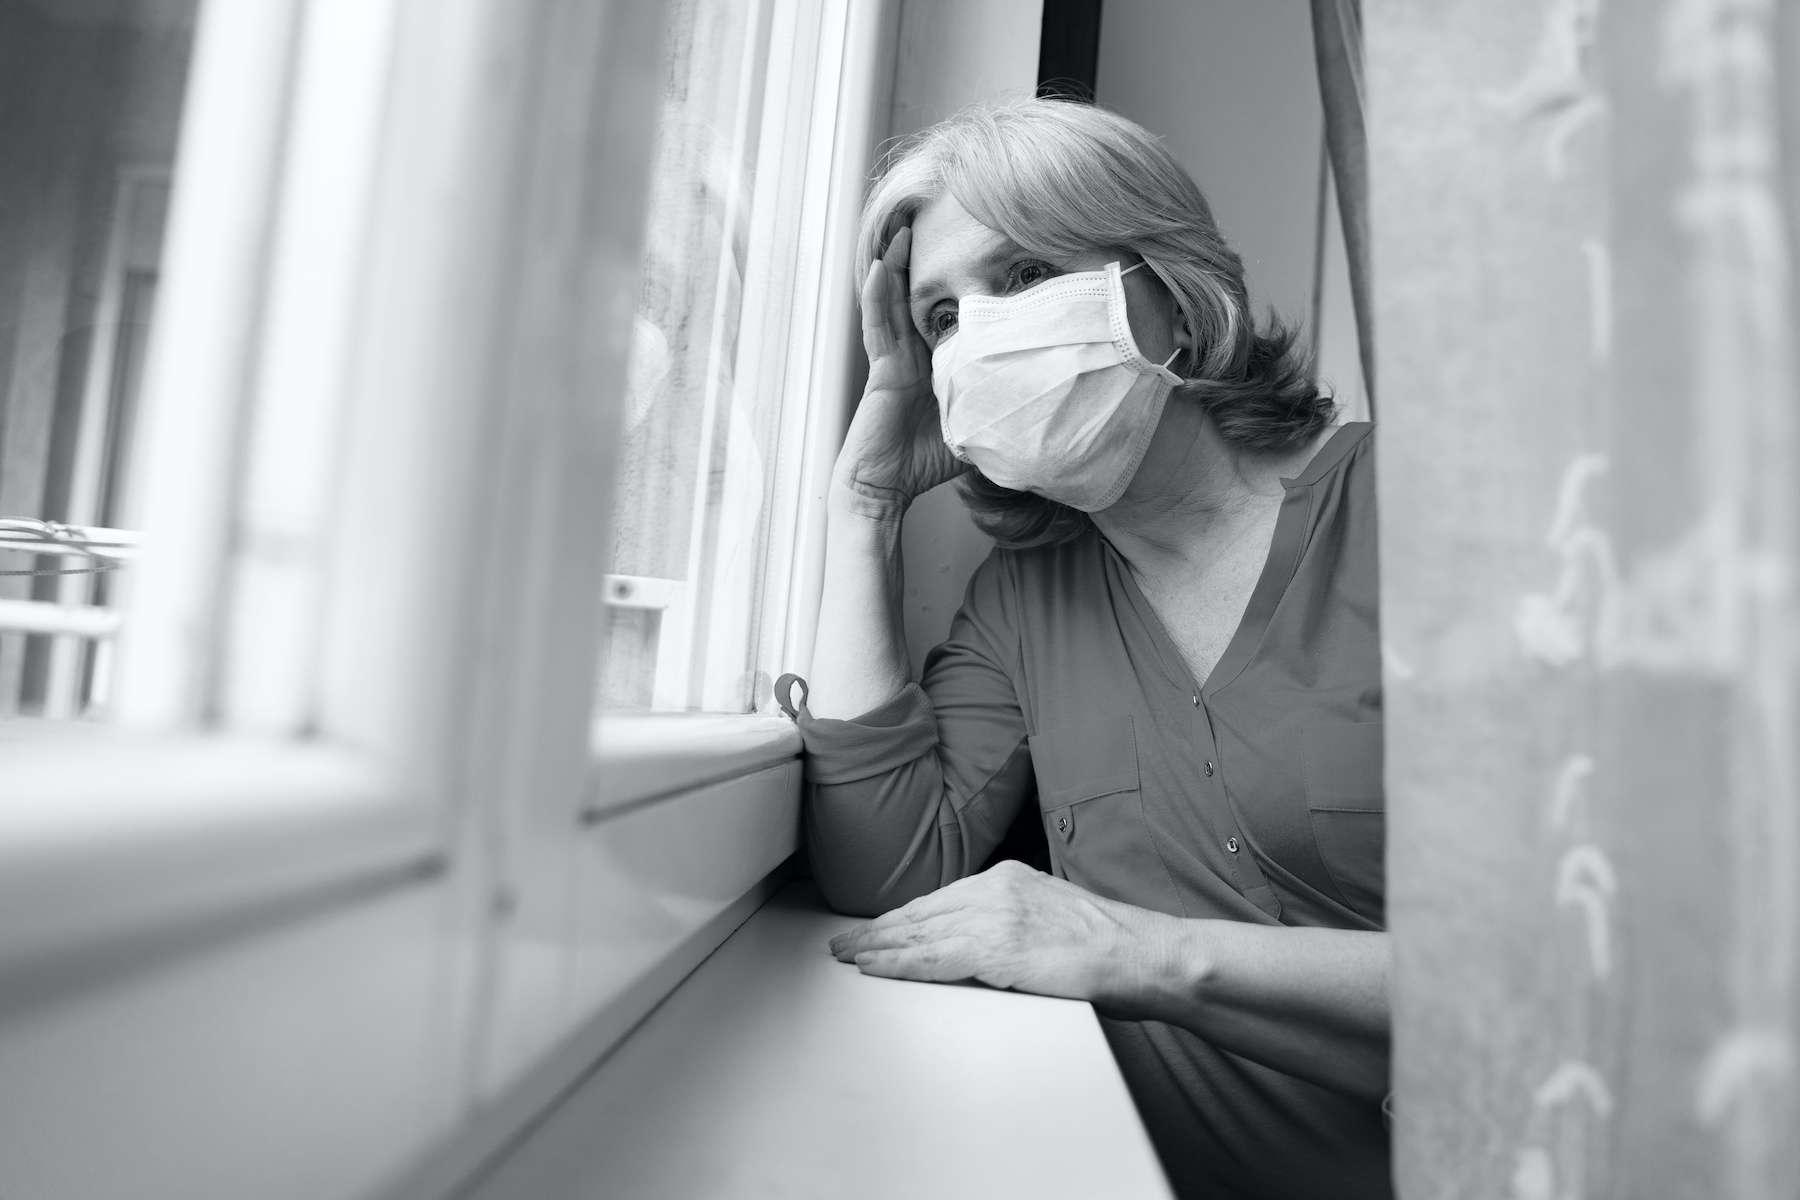 45 % des patients hospitalisés pour Covid-19 connaissent des symptômes empêchant un retour à un mode de vie normal. © phoenix021, Adobe Stock